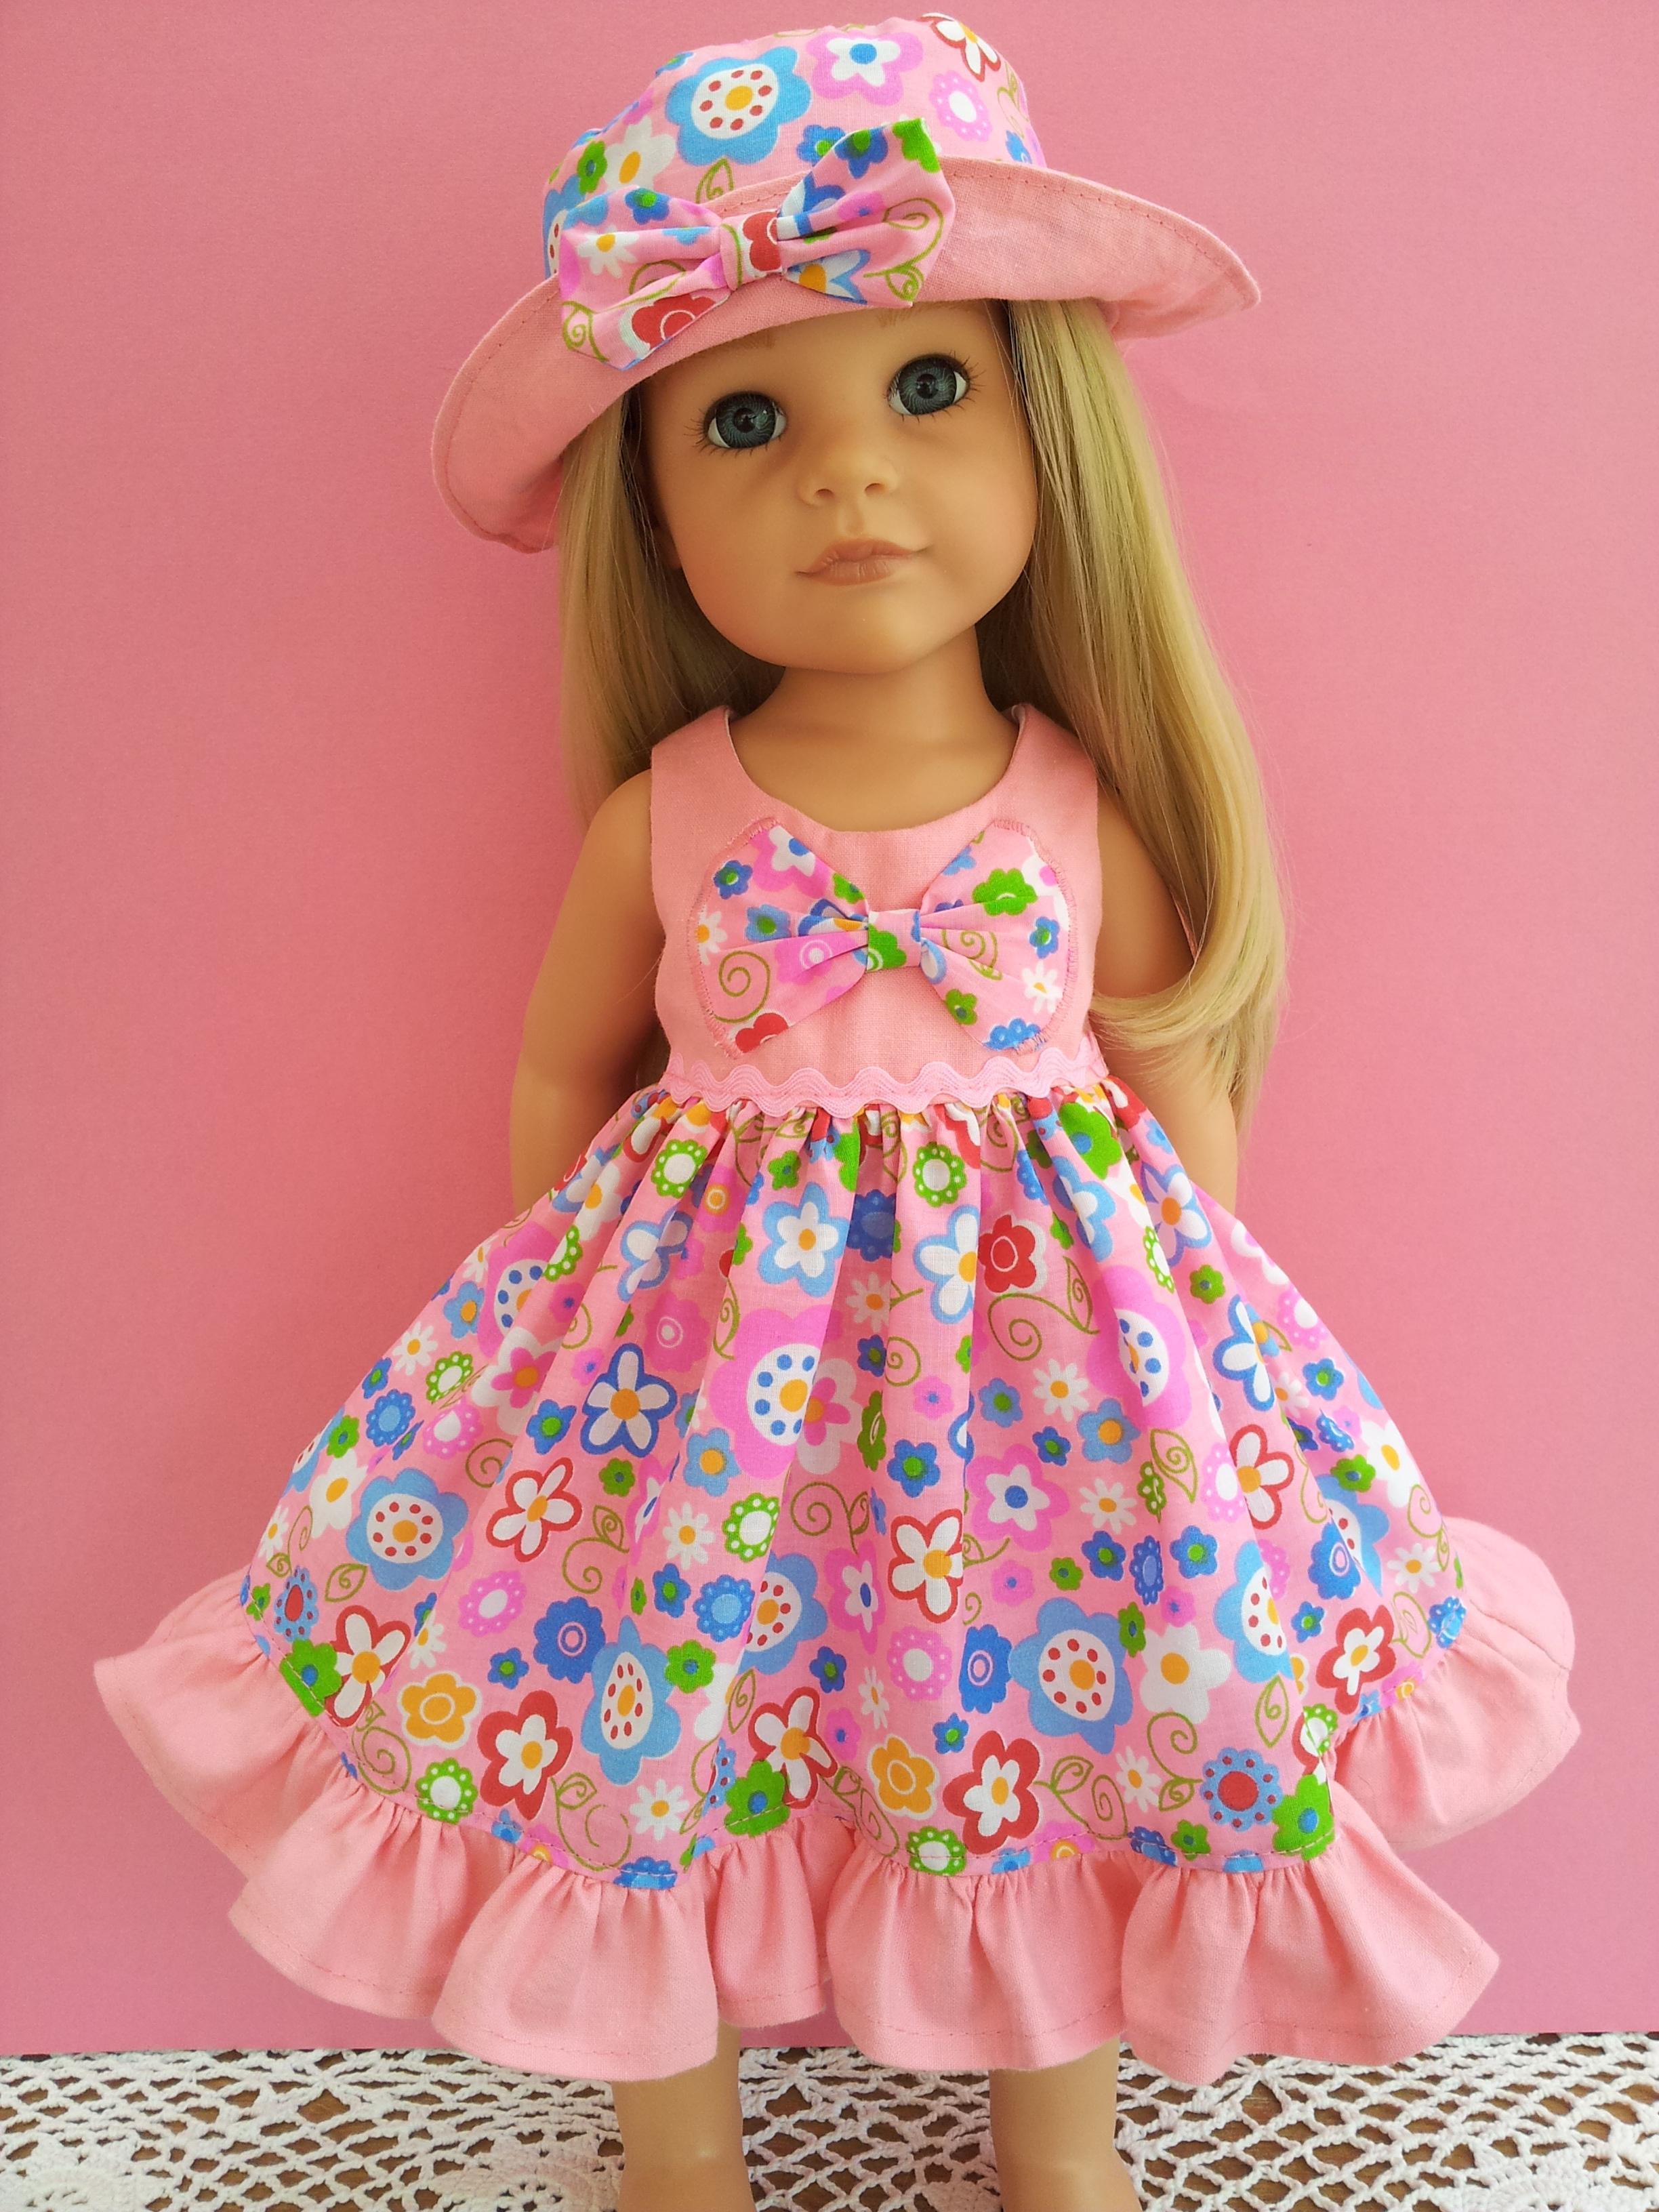 Summer Dresses | SalStuff Handmade Dolls Clothes